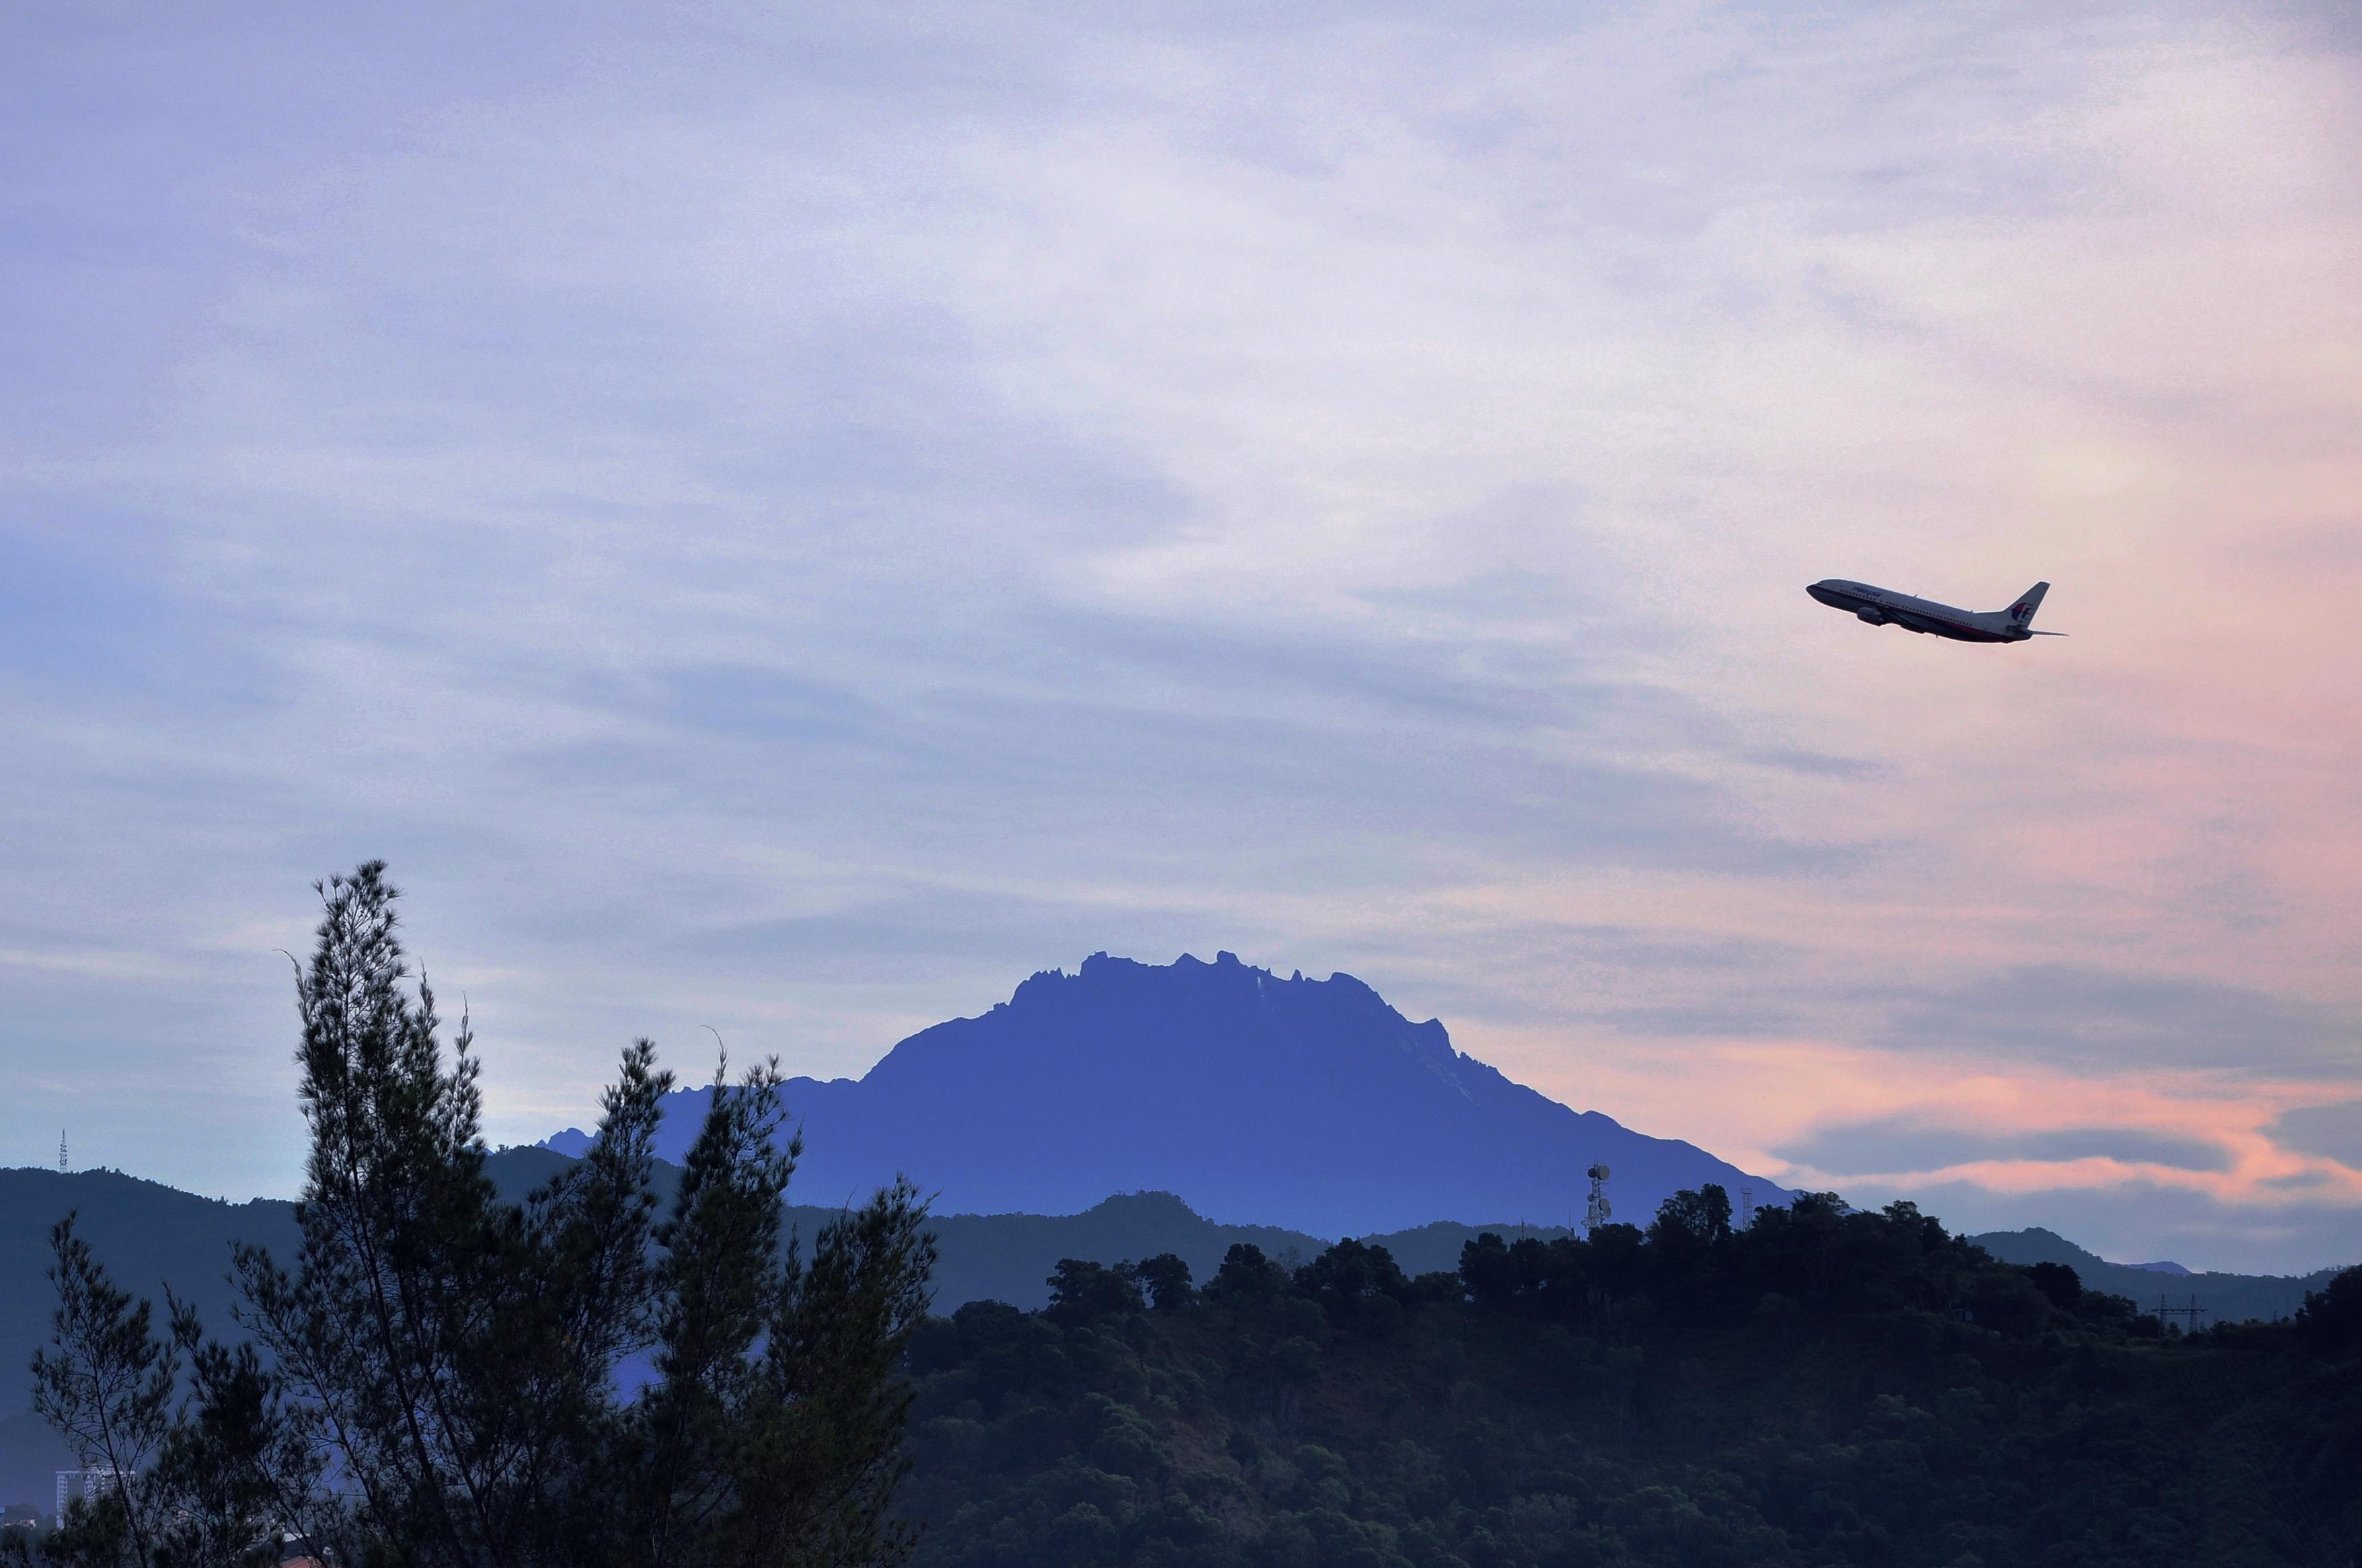 File:Plane Flying Past Mount Kinabalu.jpg - Wikimedia Commons